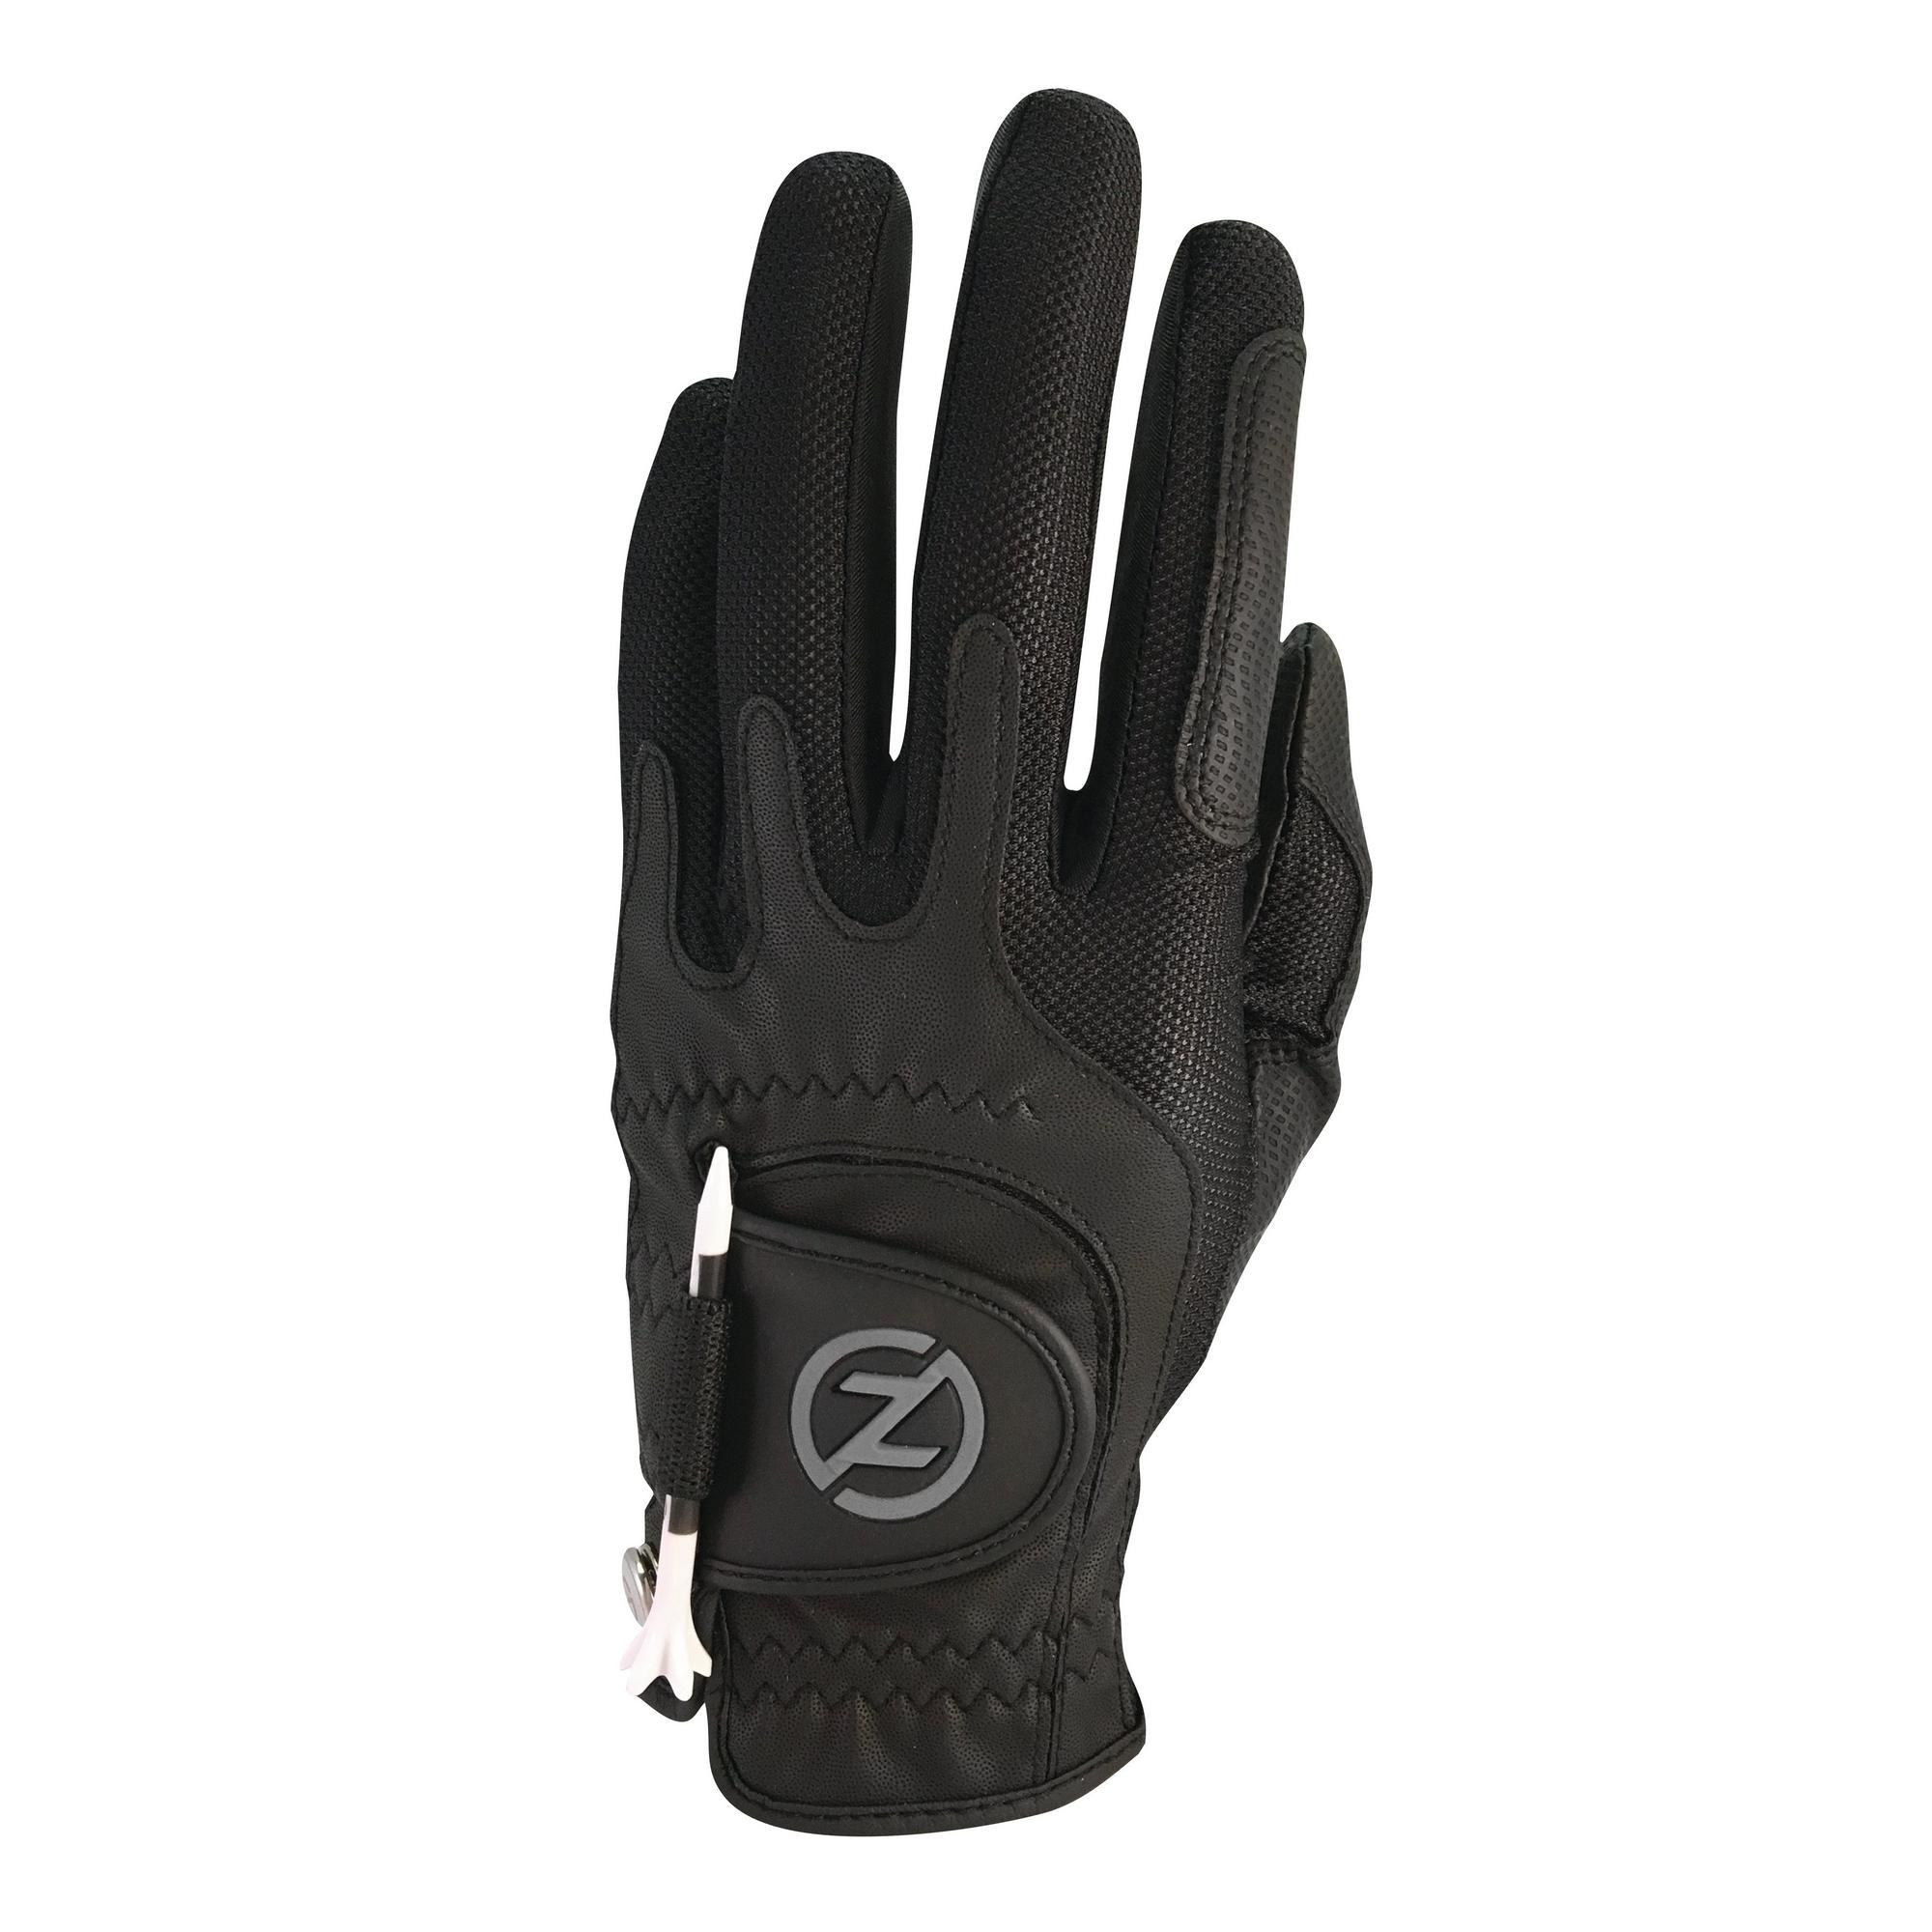 Men's Compression Golf Glove - MRH